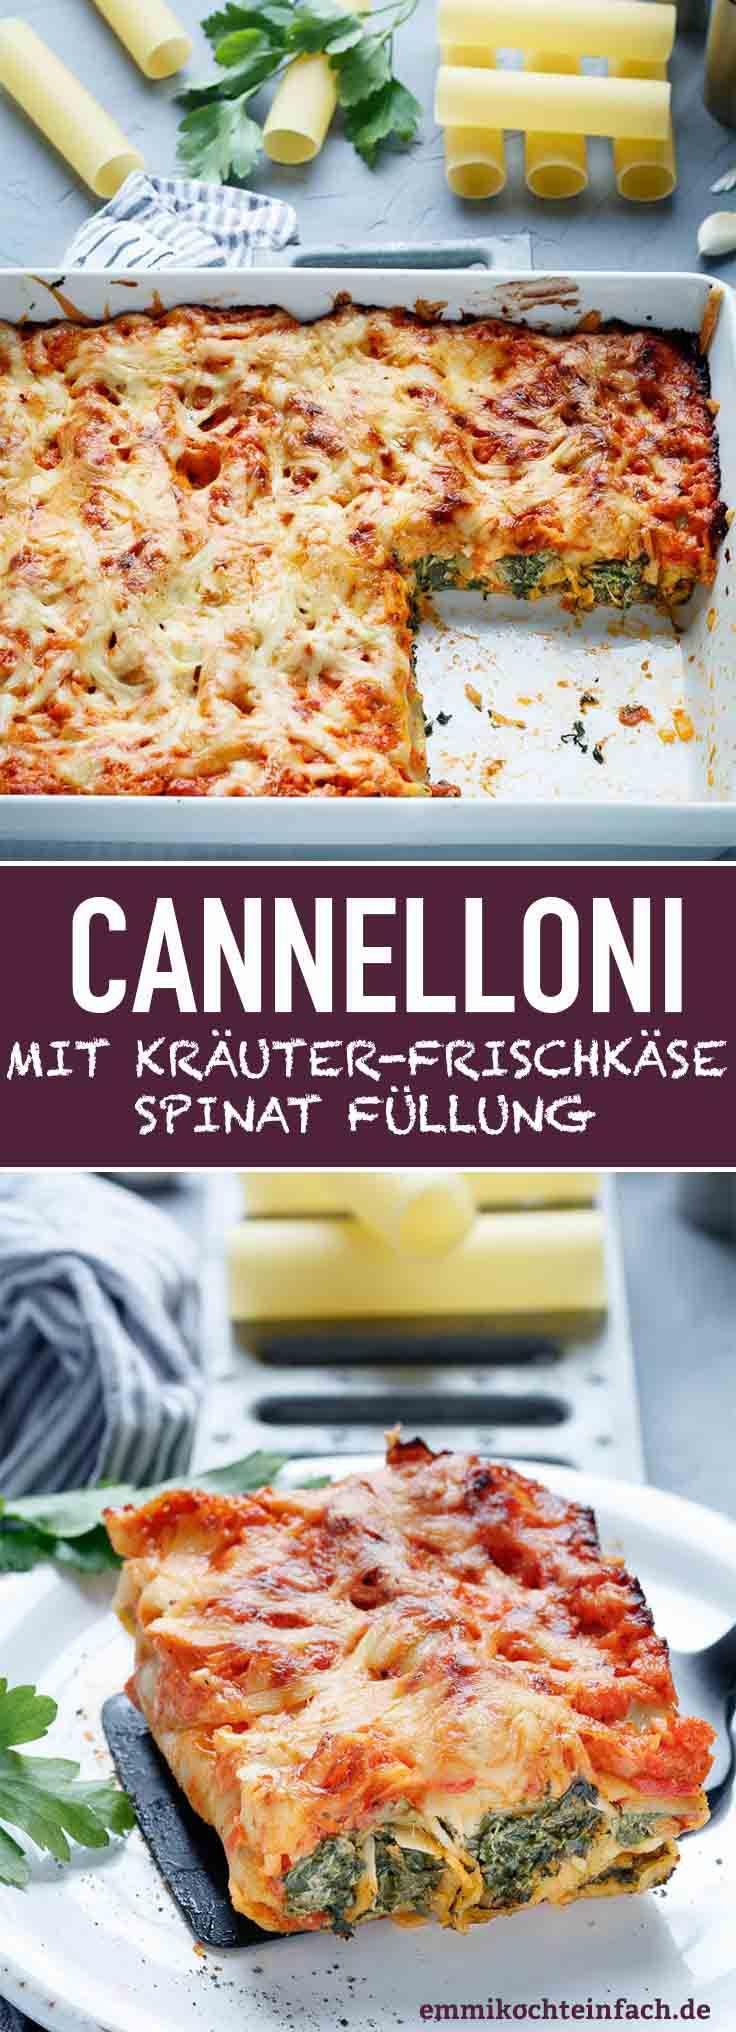 Cannelloni mit Kräuterfrischkäse-Spinat Füllung - emmikochteinfach